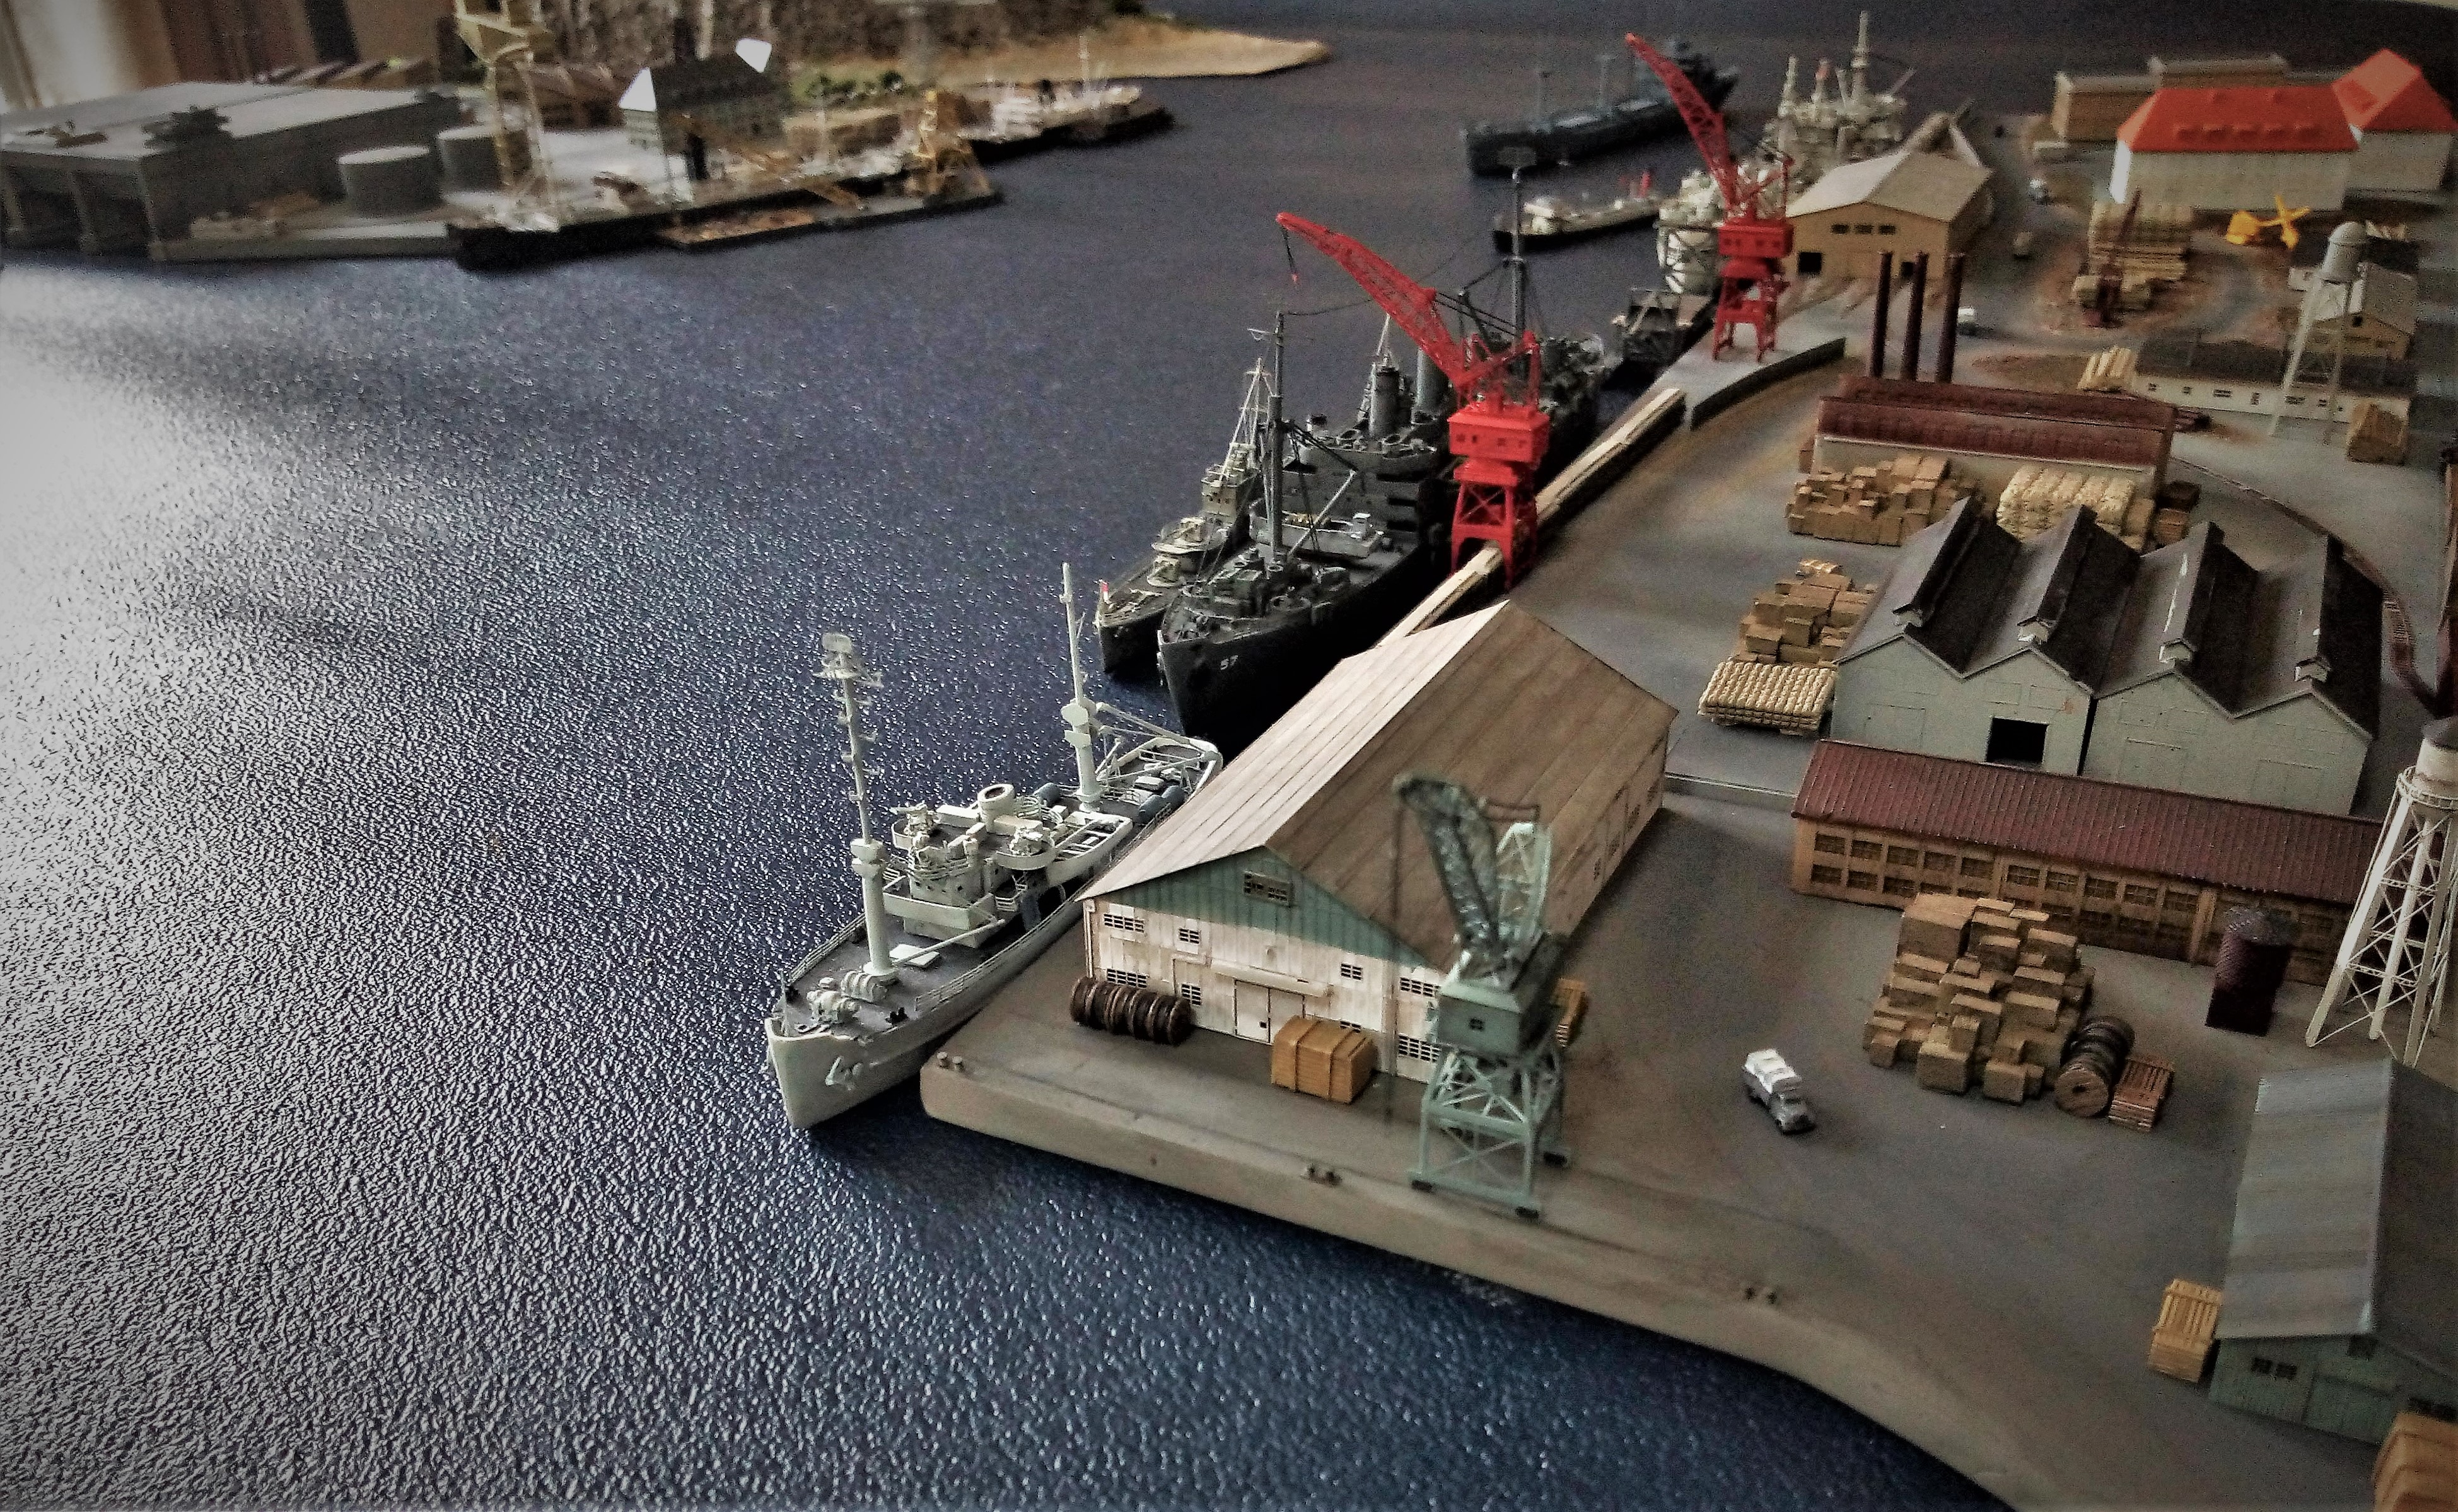 Diorama base navale 1/700 par Nesquik - Page 4 QUSnNJ7H